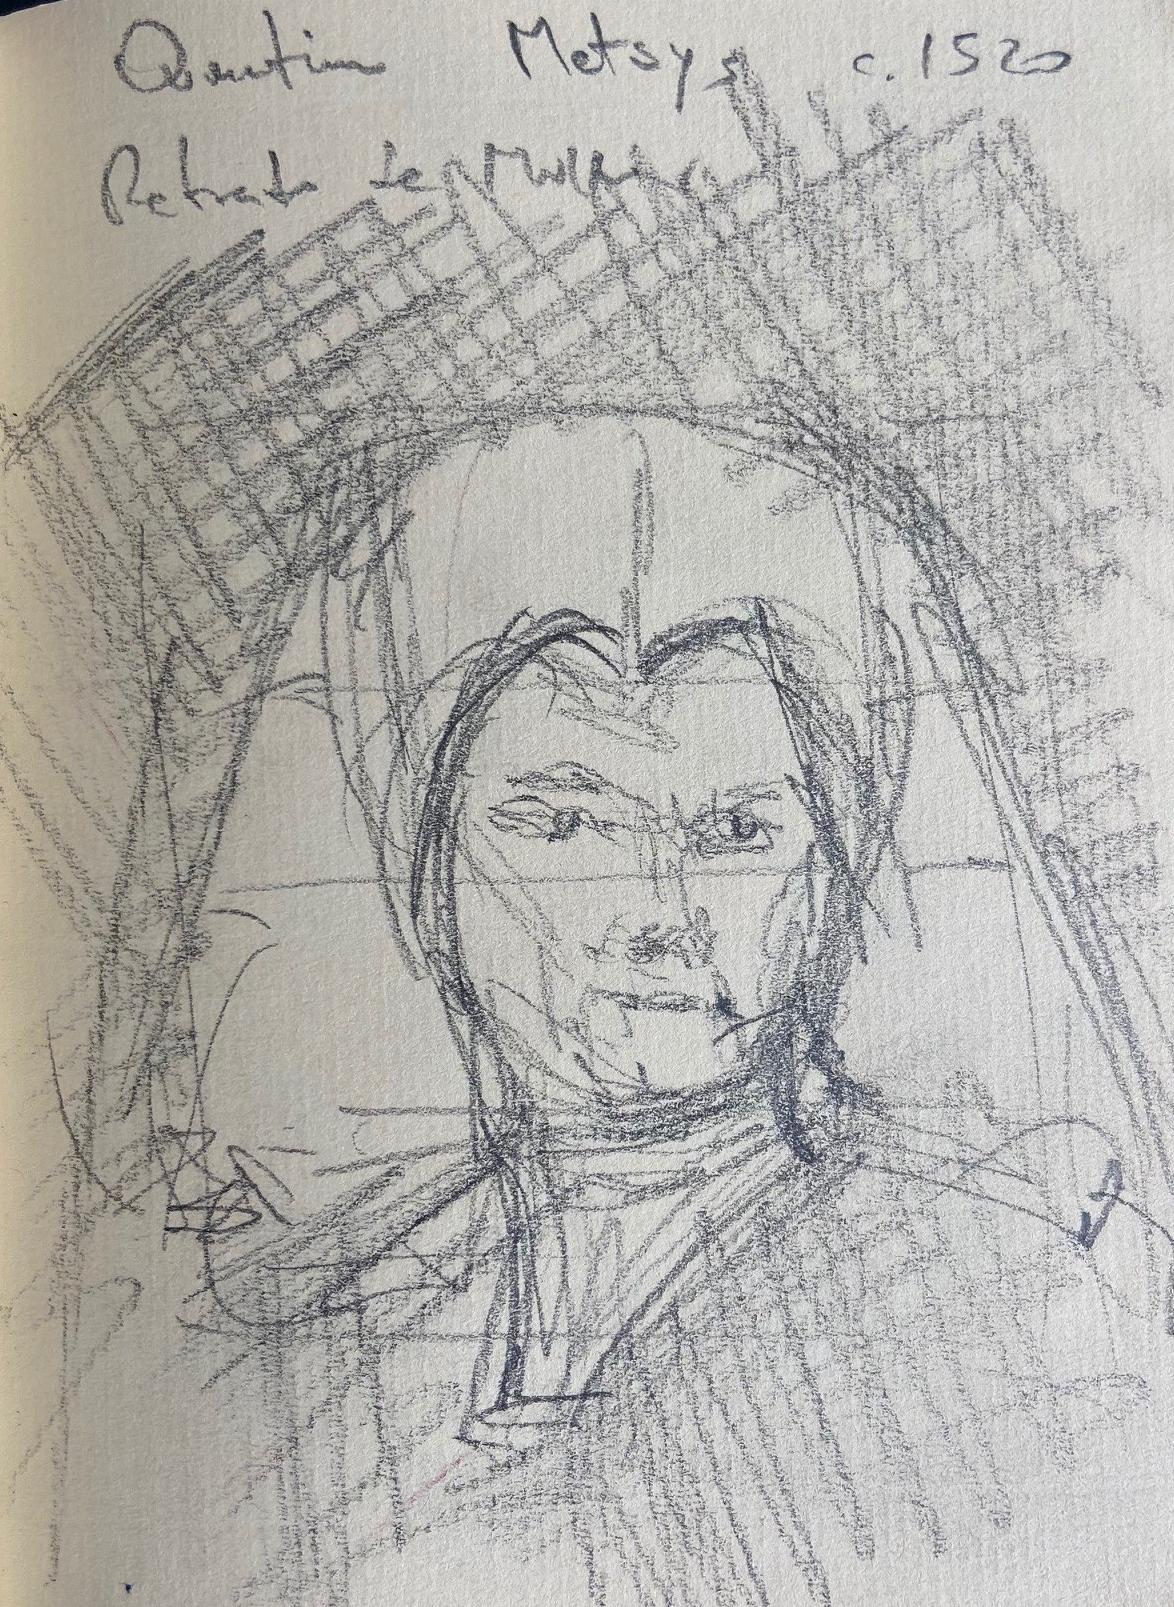 Quentin Matsys,, Retrato de Mulher, 1520, Justino, Desenho a Lápis, 2020.